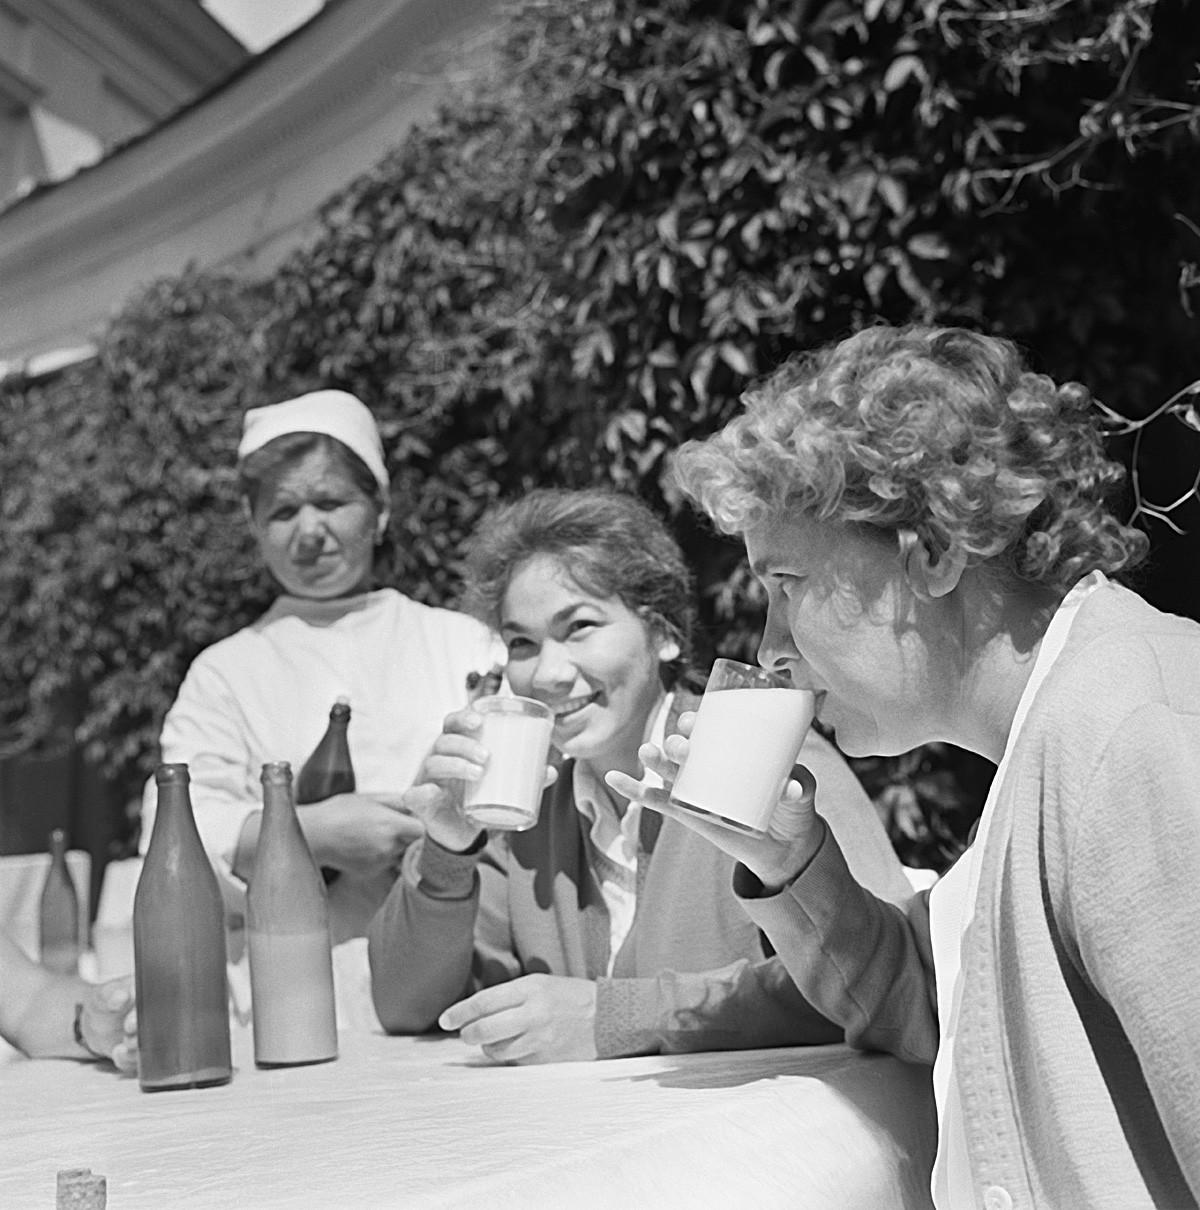 Regione di Mosca, giugno 1964. Zoya Zanegina e Antonina Reusova, pazienti del centro per la prevenzione della tubercolosi, bevono durante un trattamento